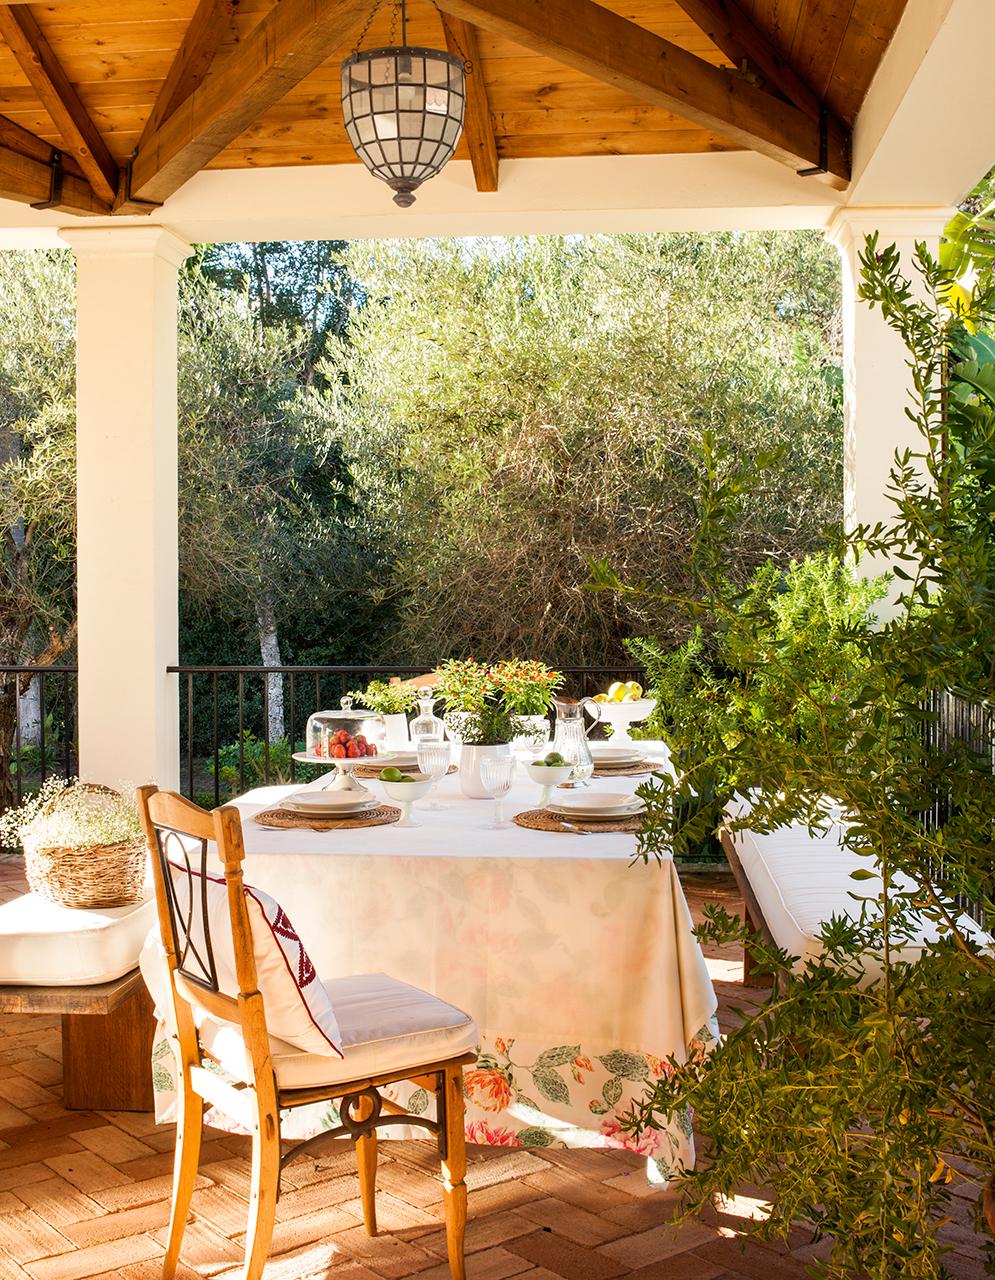 Una casa r stica con inspiraci n de la provenza - Casas en la provenza ...